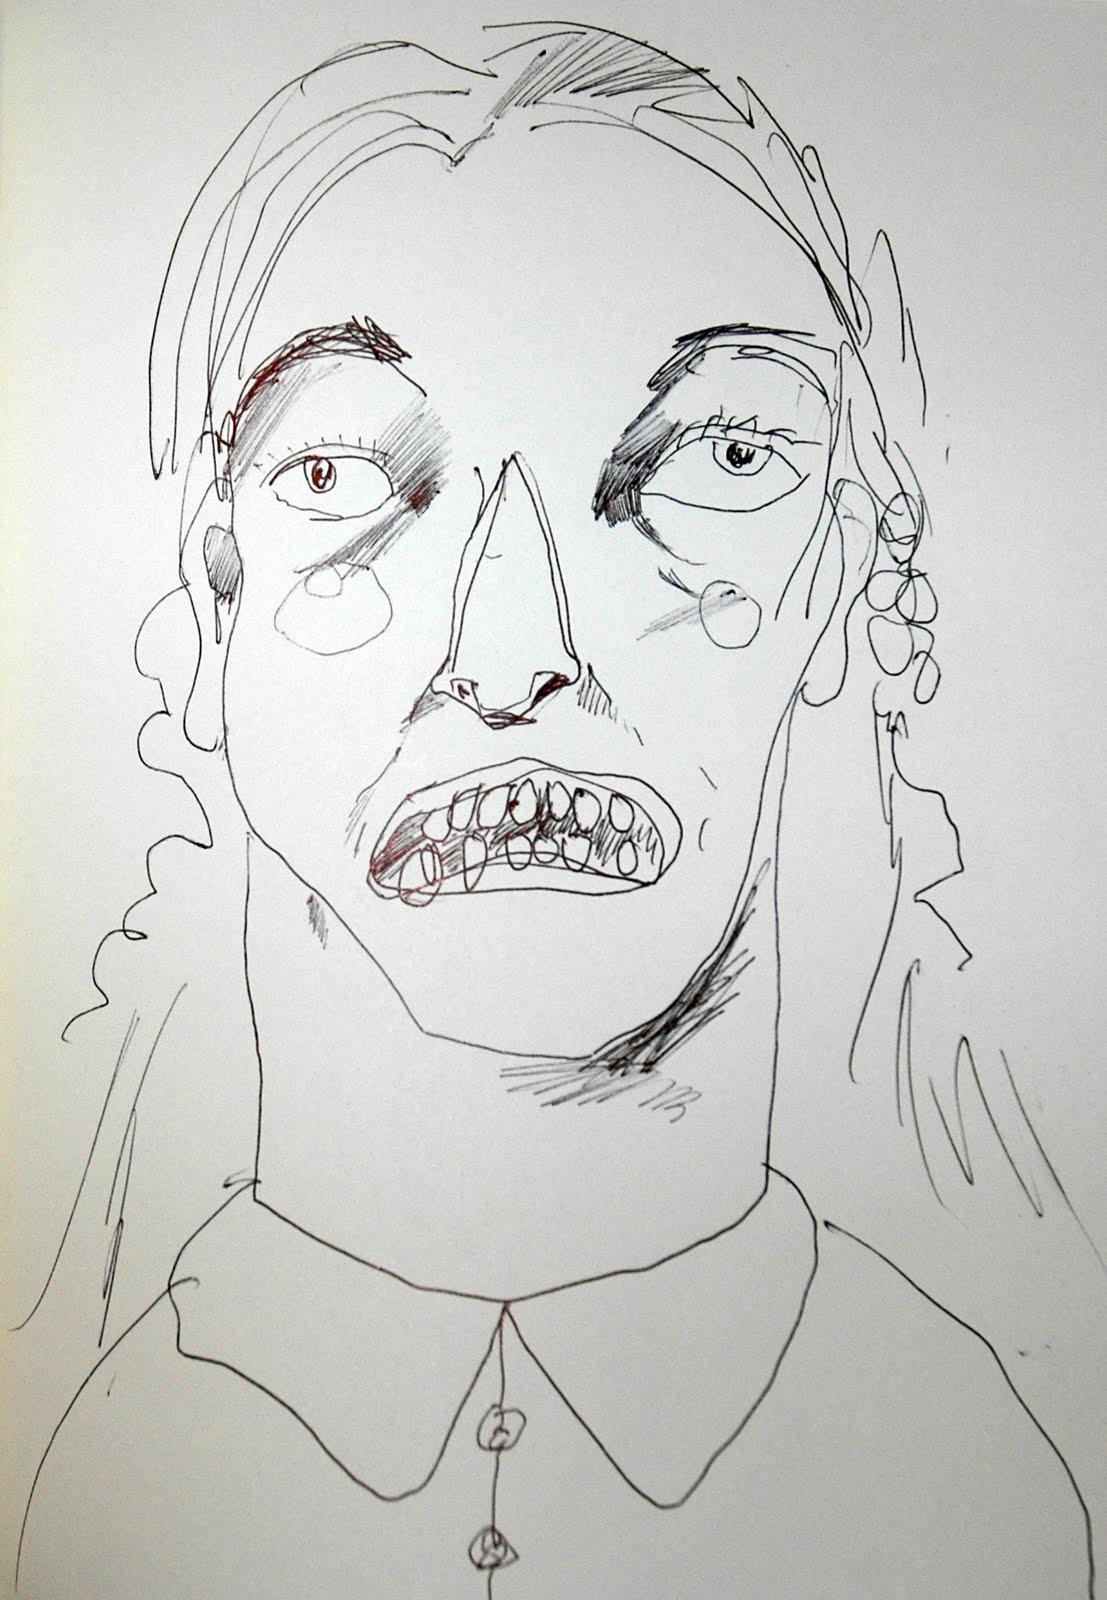 RDG: Sketchy drawings - 2/3/11